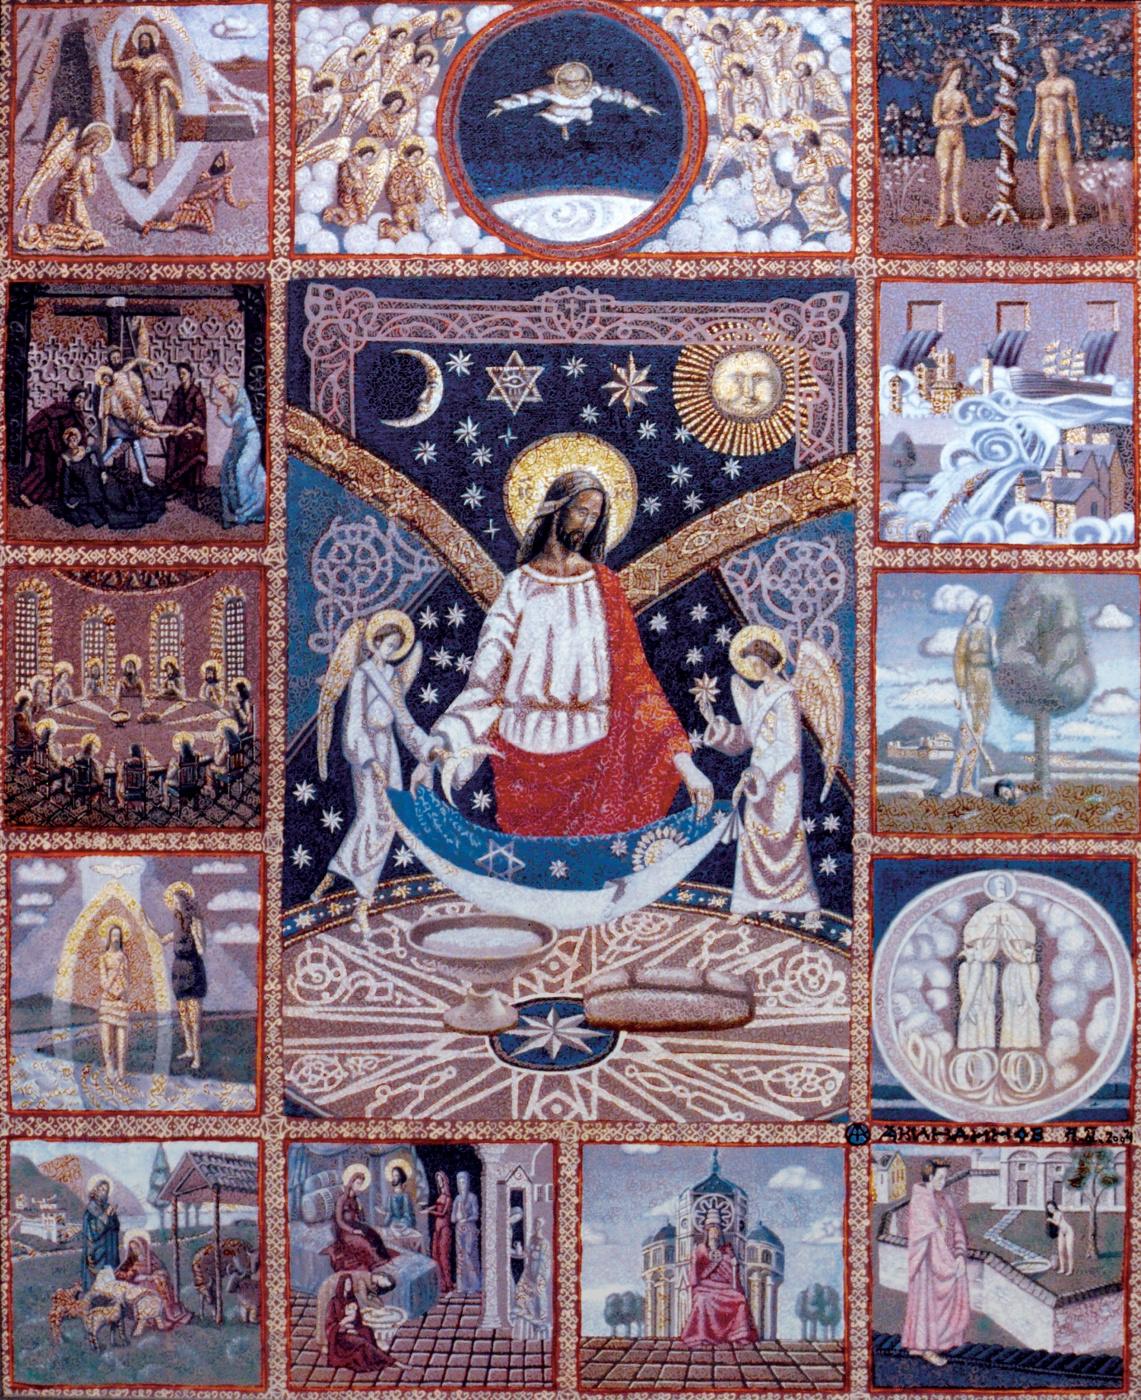 Алексей Петрович Акиндинов. Glory of the lord